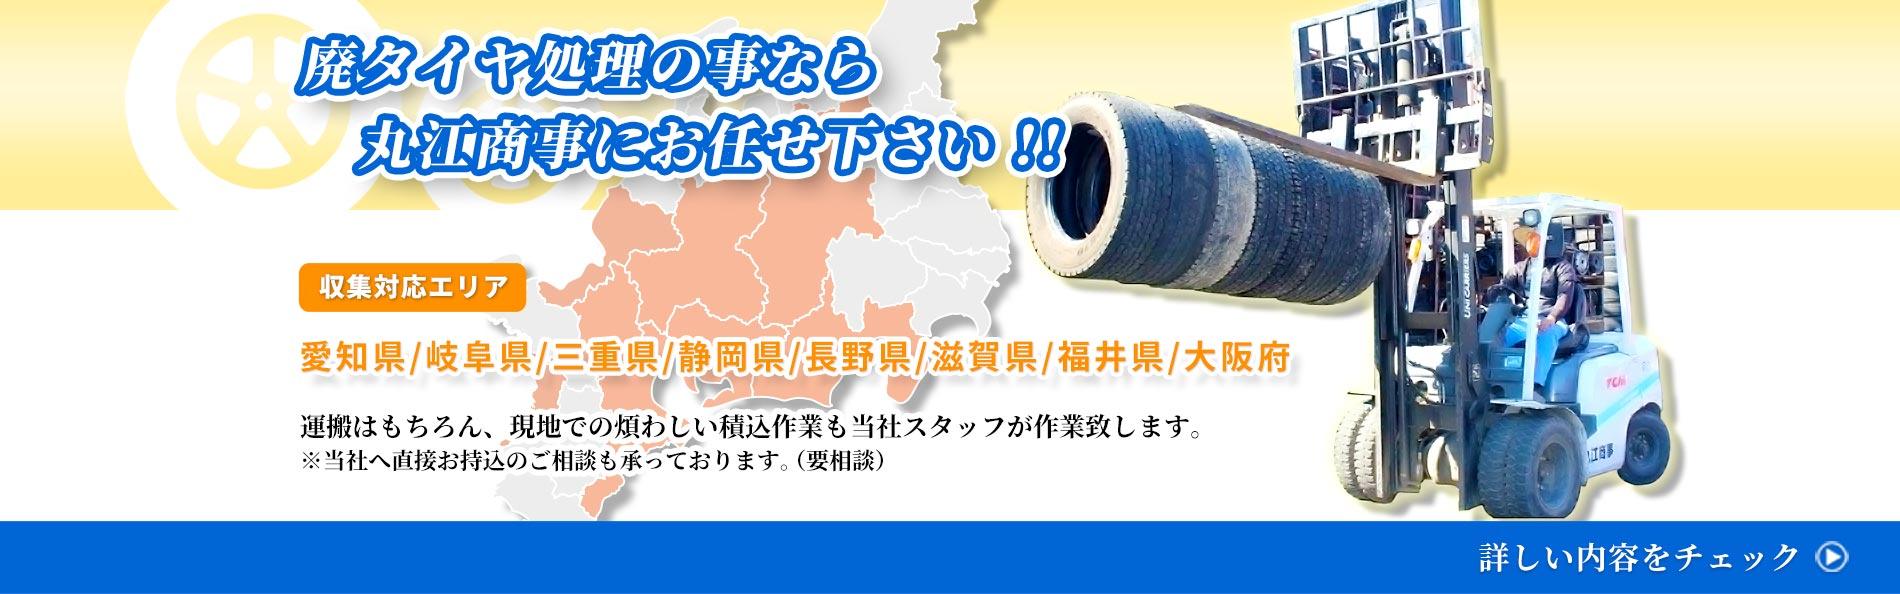 廃タイヤの処理は丸江商事にお任せ下さい。収集対応エリア愛知県・岐阜県・三重県・静岡県・長野県・滋賀県 運搬はもちろん現地での煩わしい積込作業も当社スタッフが作業致いたします。